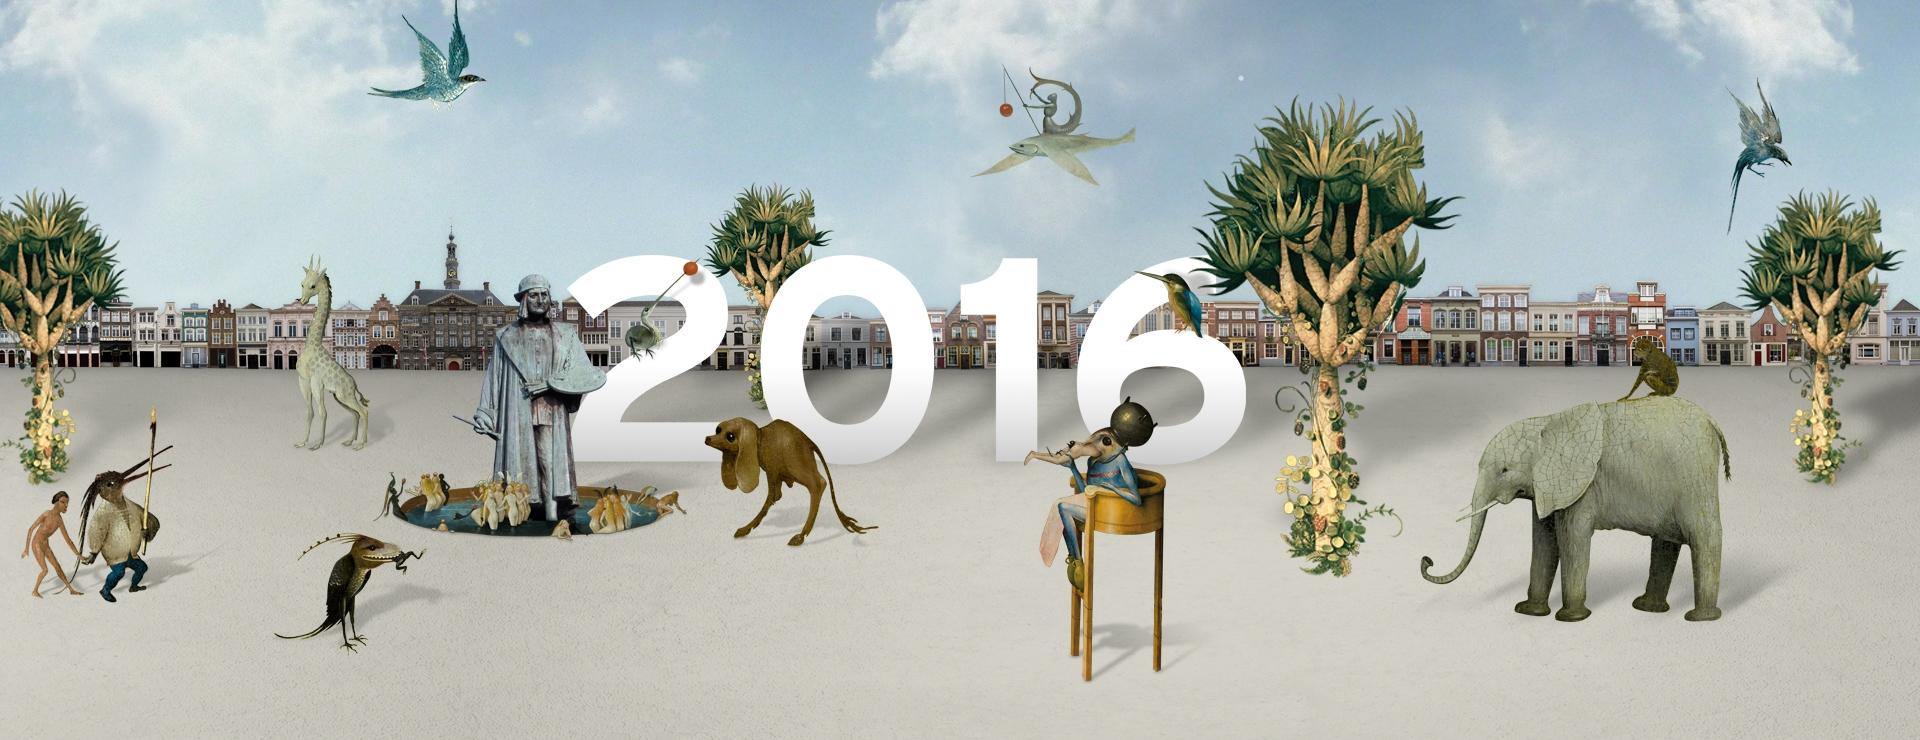 Официальный плакат «Года Босха»